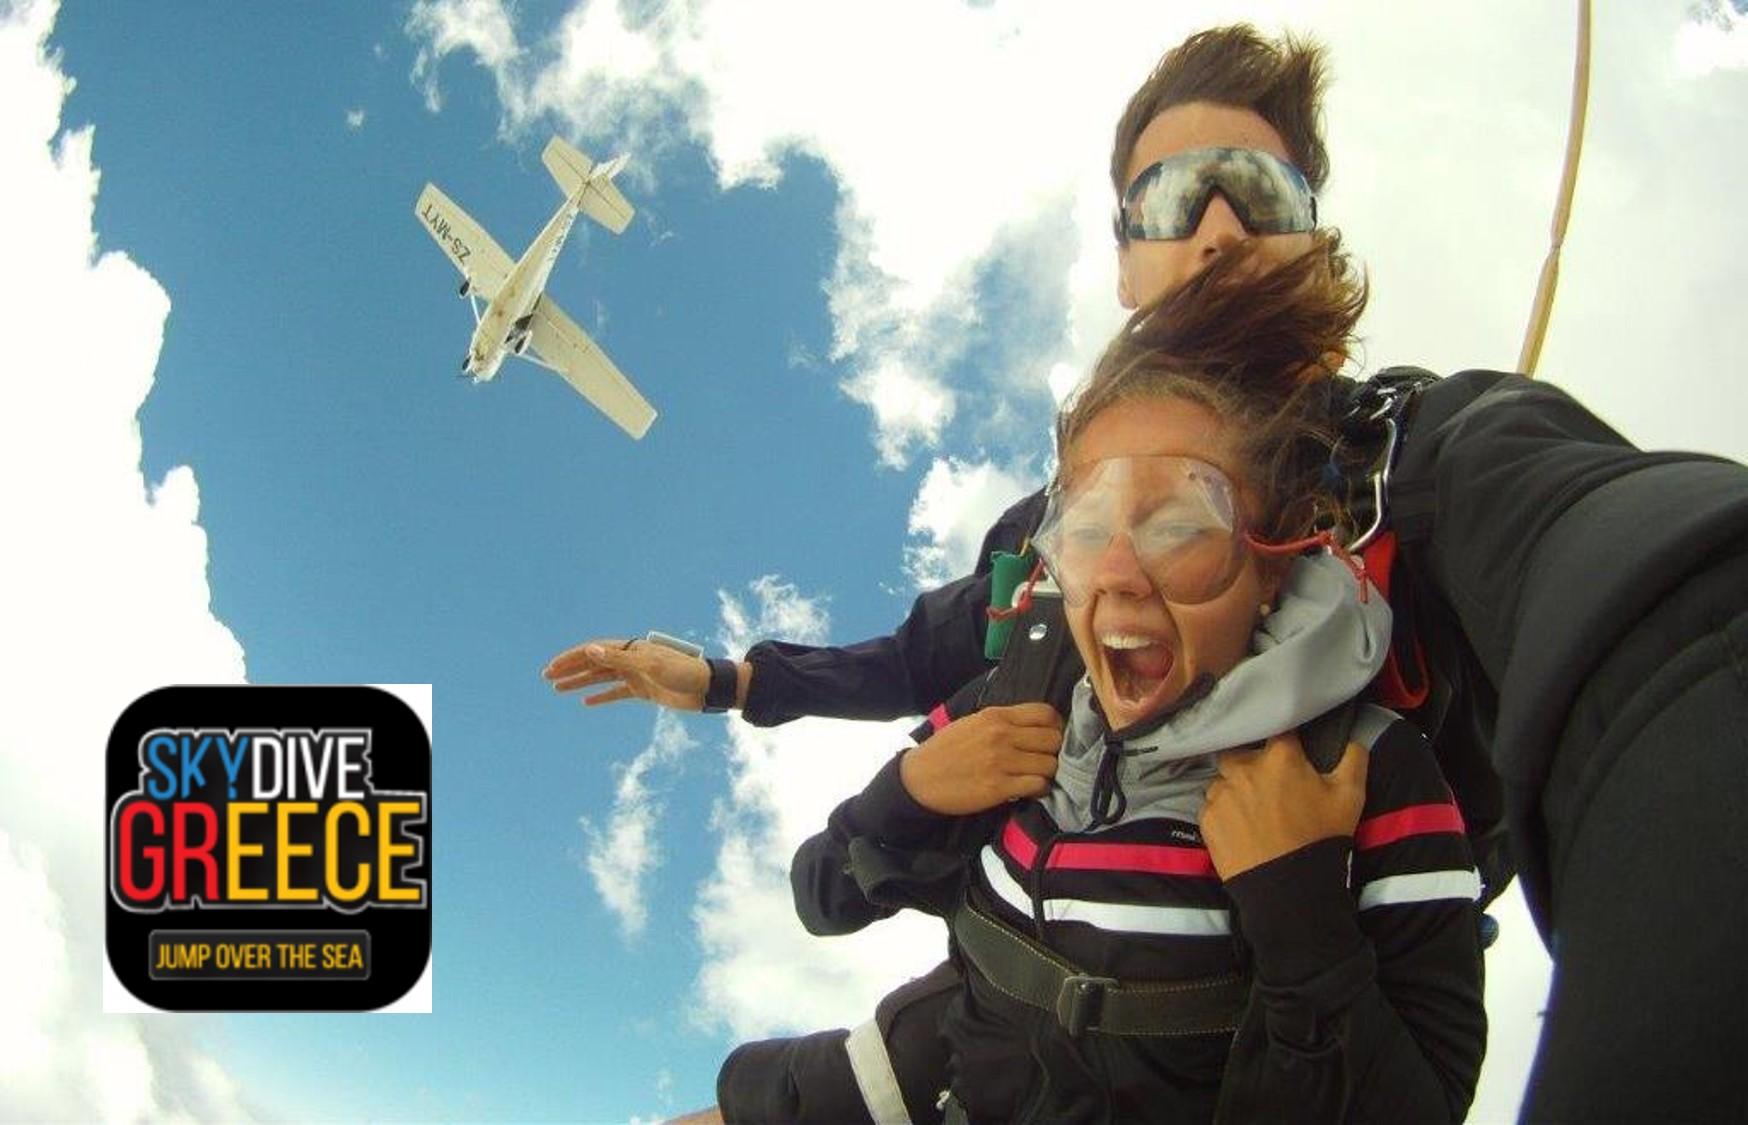 Από 135€ για Ελεύθερη Πτώση με τη μέθοδο Tandem, από 8.000 ή 12.000 πόδια, από το ''Skydive Greece'' στα Μέγαρα, 15 λεπτά από την Αθήνα! Ο γρηγορότερος και οικονομικότερος τρόπος να ΖΗΣΕΙΣ την ελεύθερη πτώση εικόνα